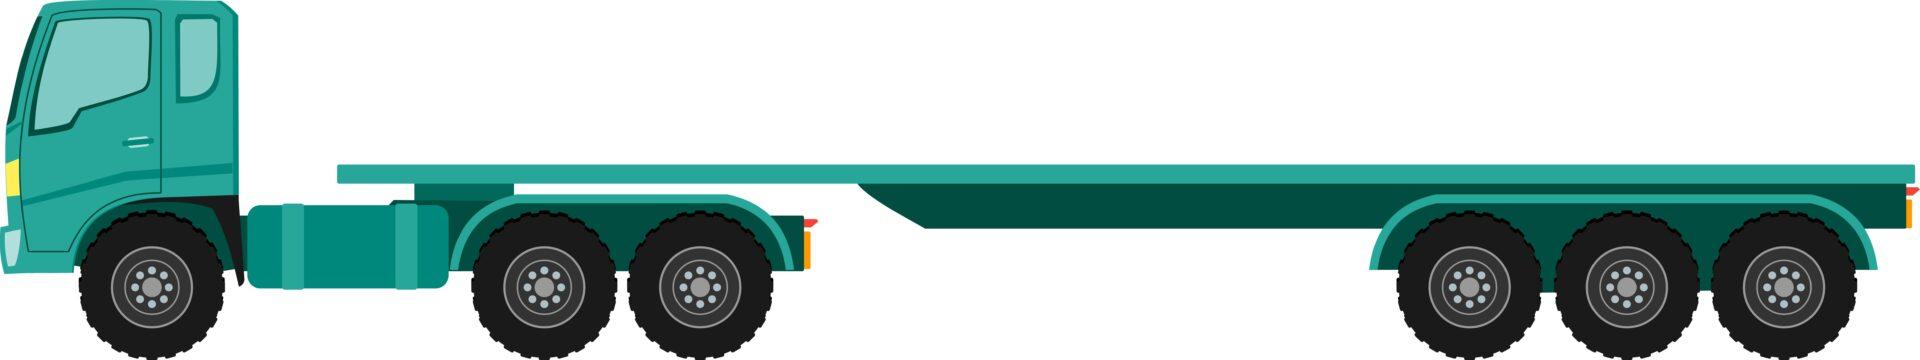 <VOLVO 台車塗装>パルスレーザマシンブラストのサビ落とし!ボルボのトレーラー台車の塗装でこんなにキレイ!